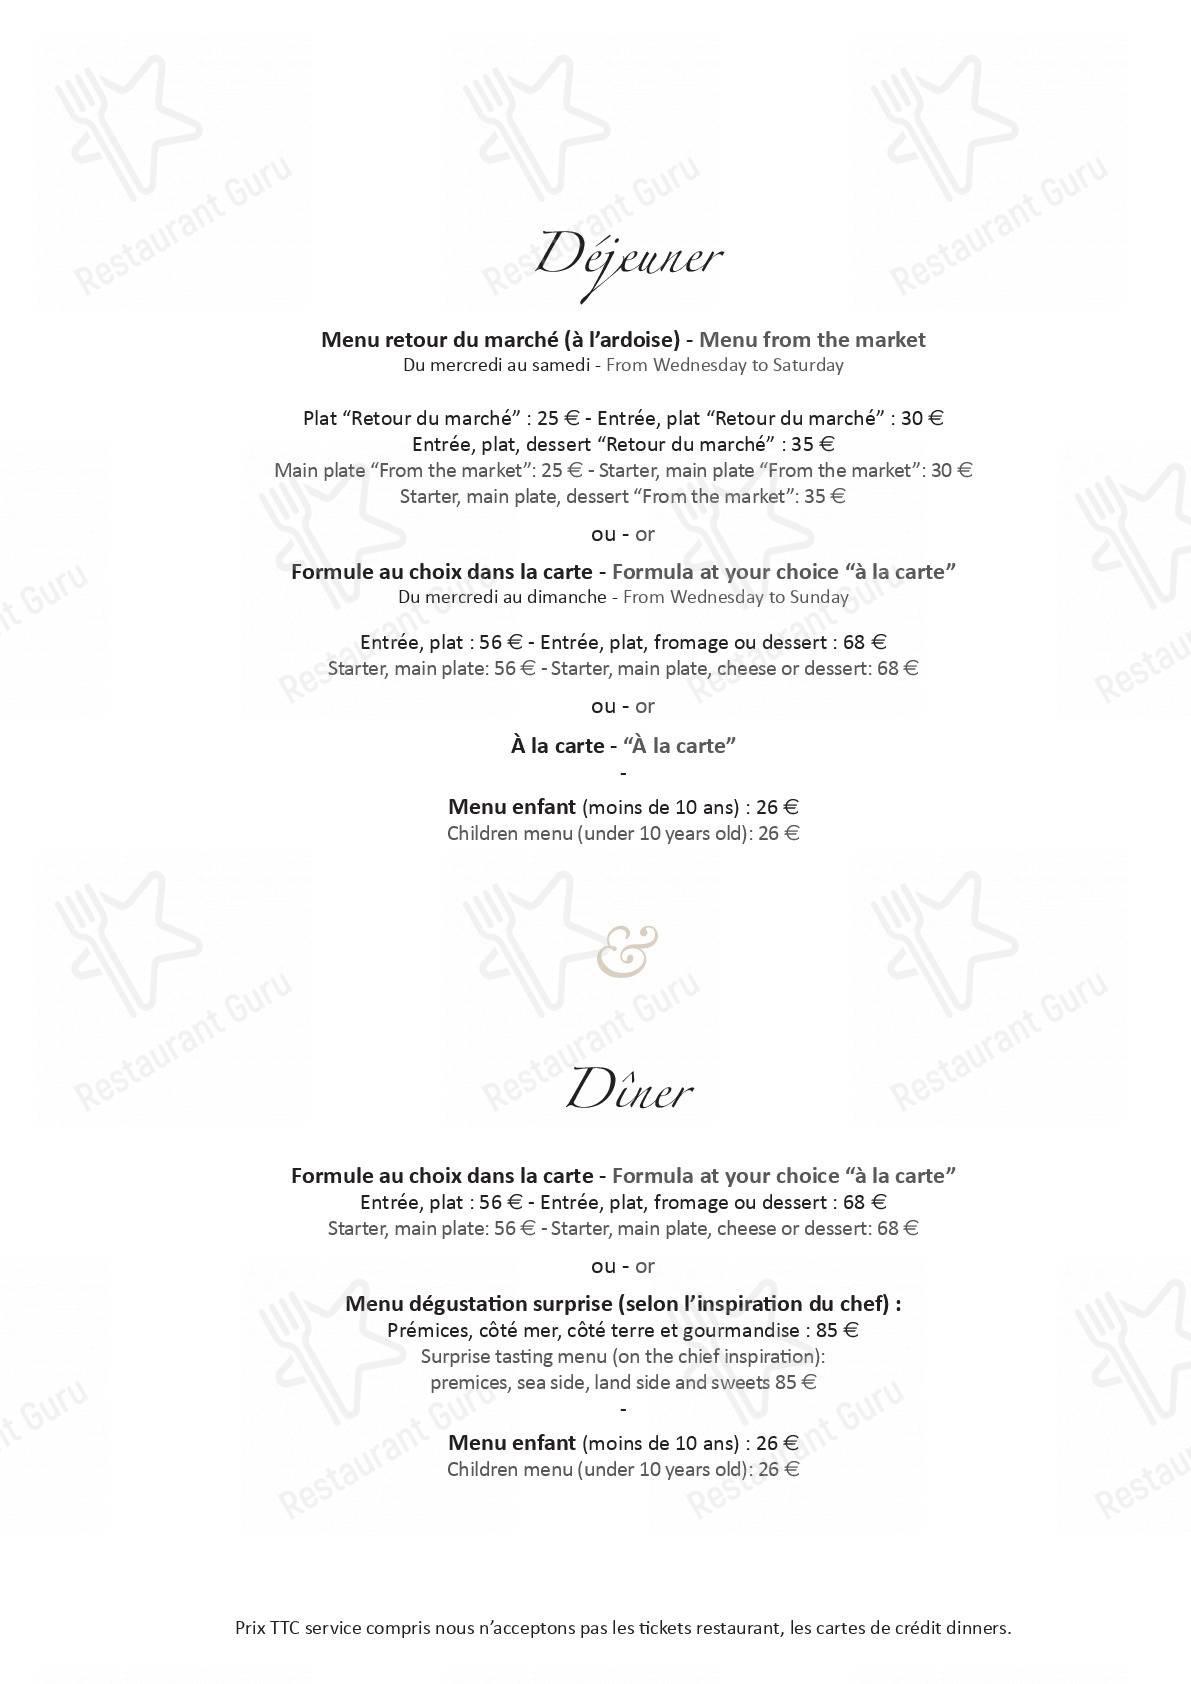 Le Potager du Mas menu - meals and drinks